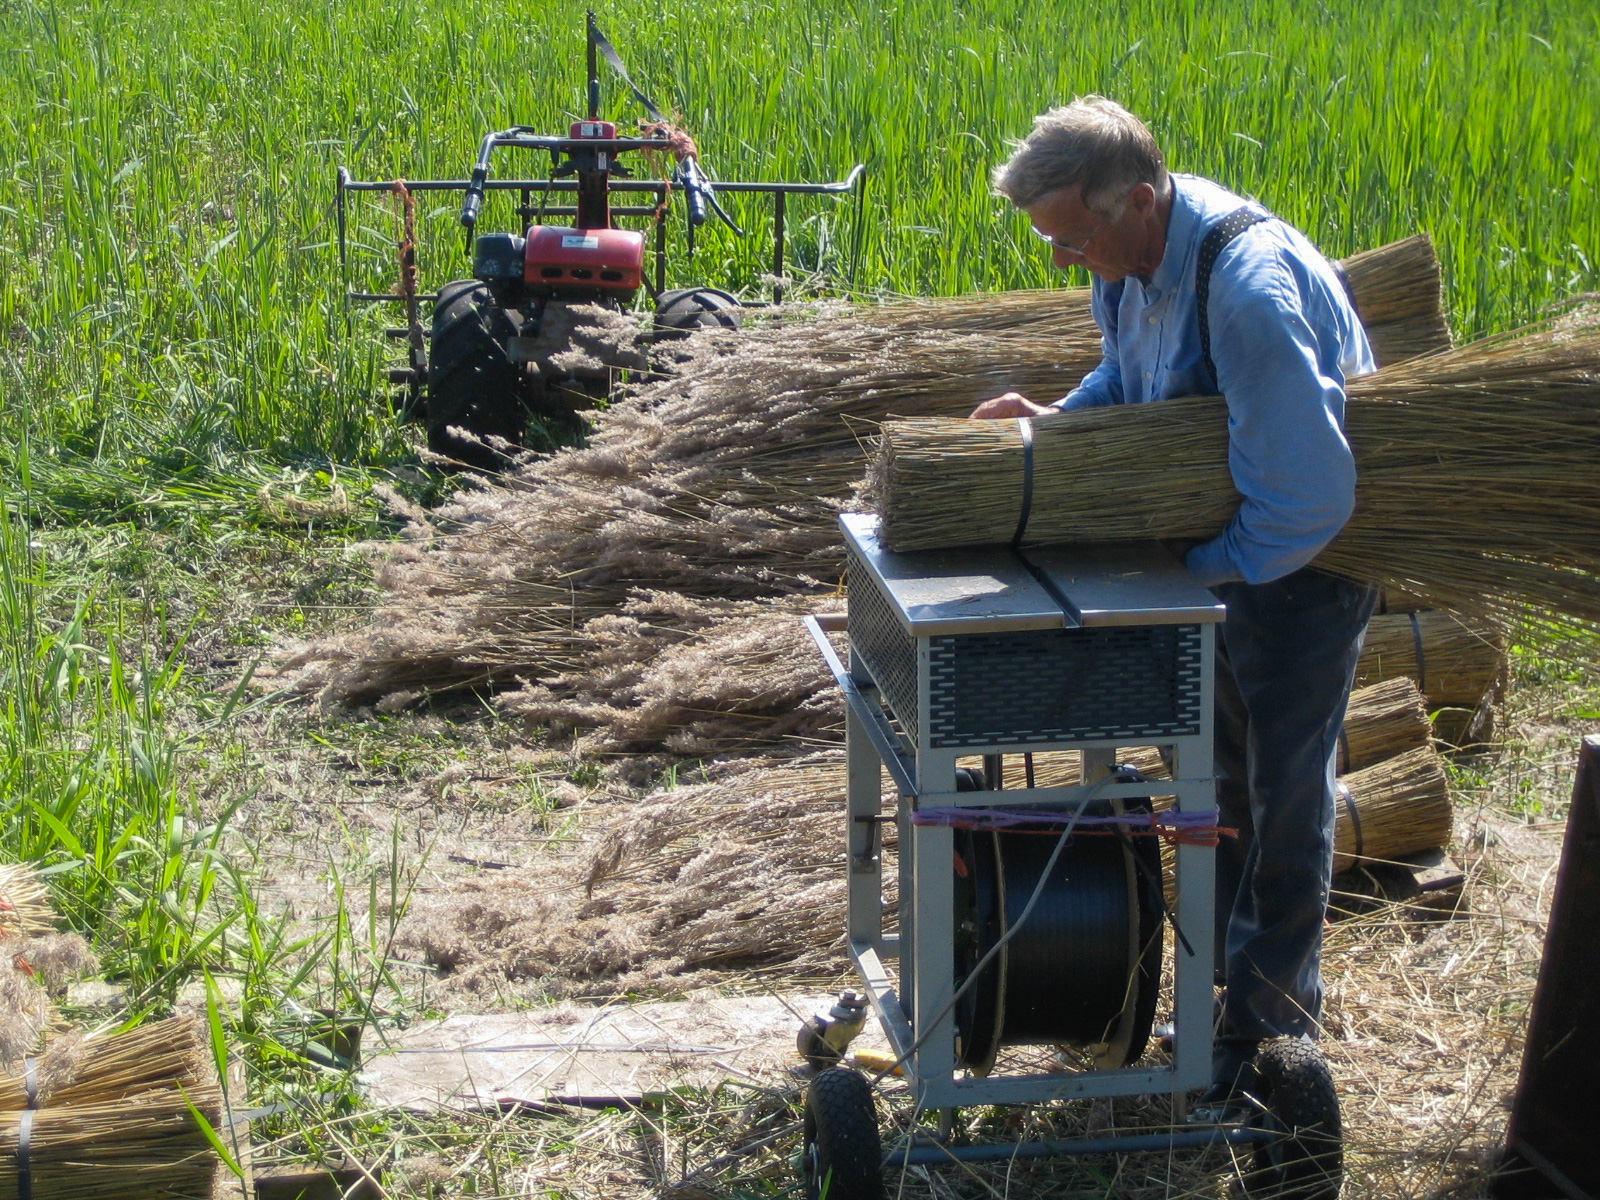 Ein Mann bindet getrocknetes Reetgras in der Nähe des Ferienpark in Giethoorn